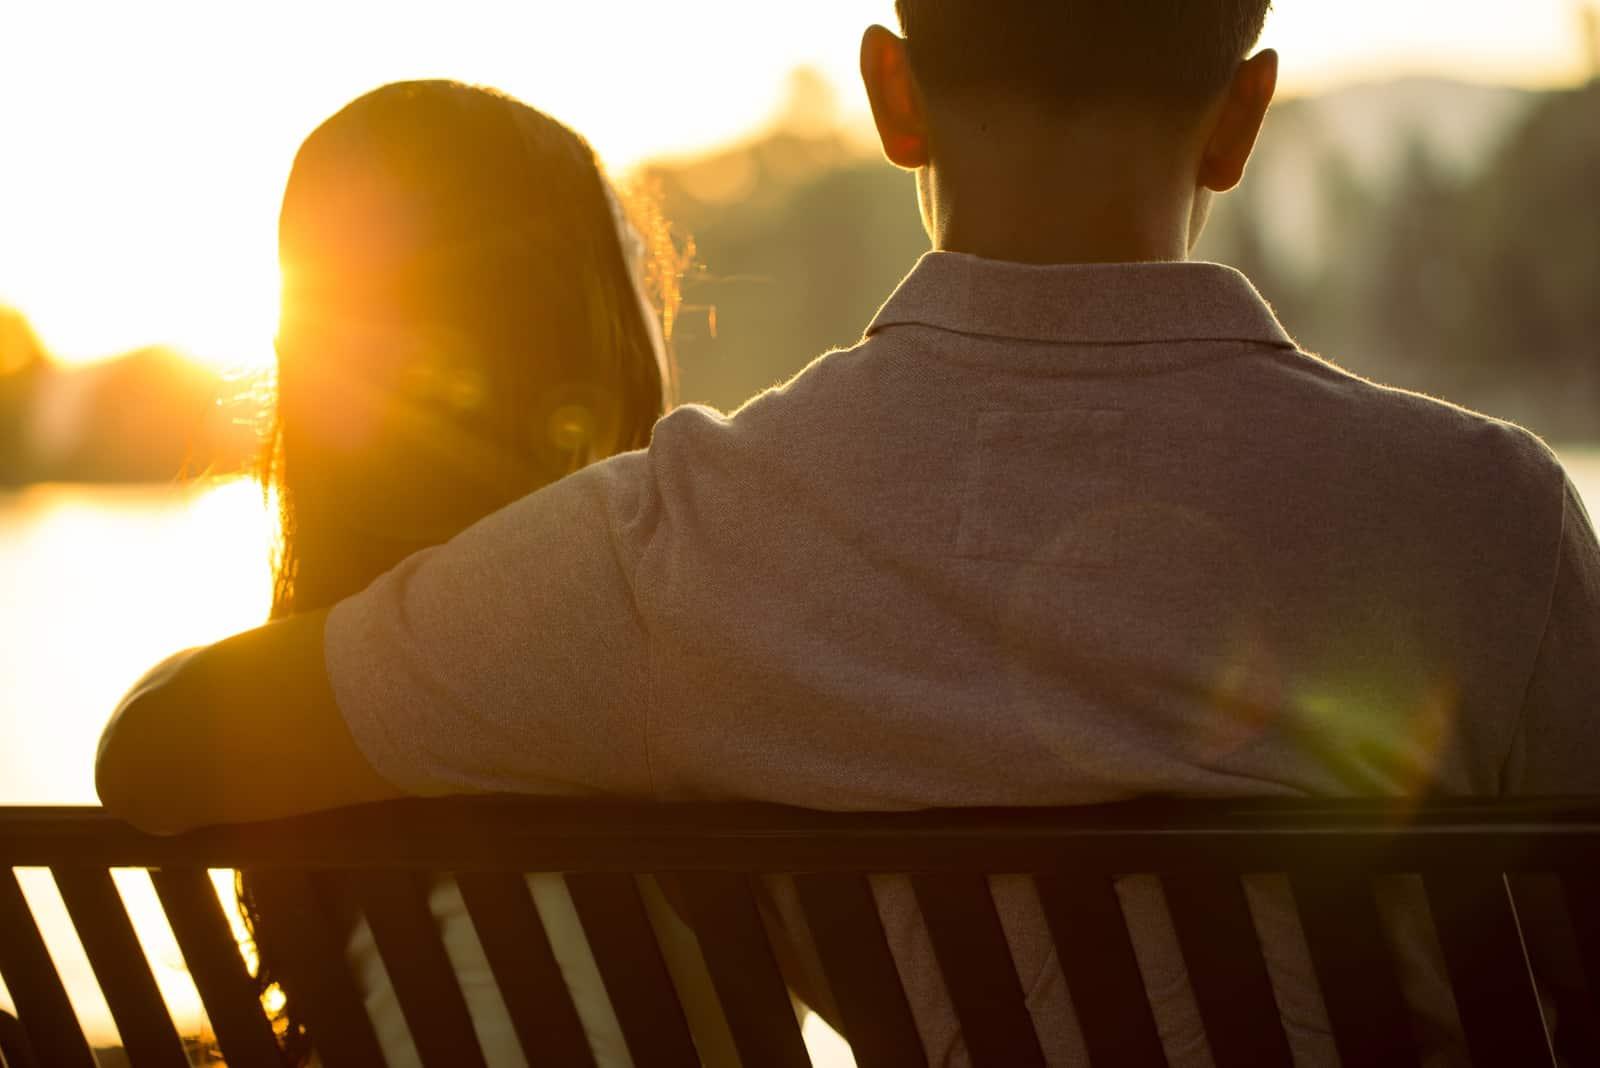 homme et femme assis sur un banc regardant l'eau